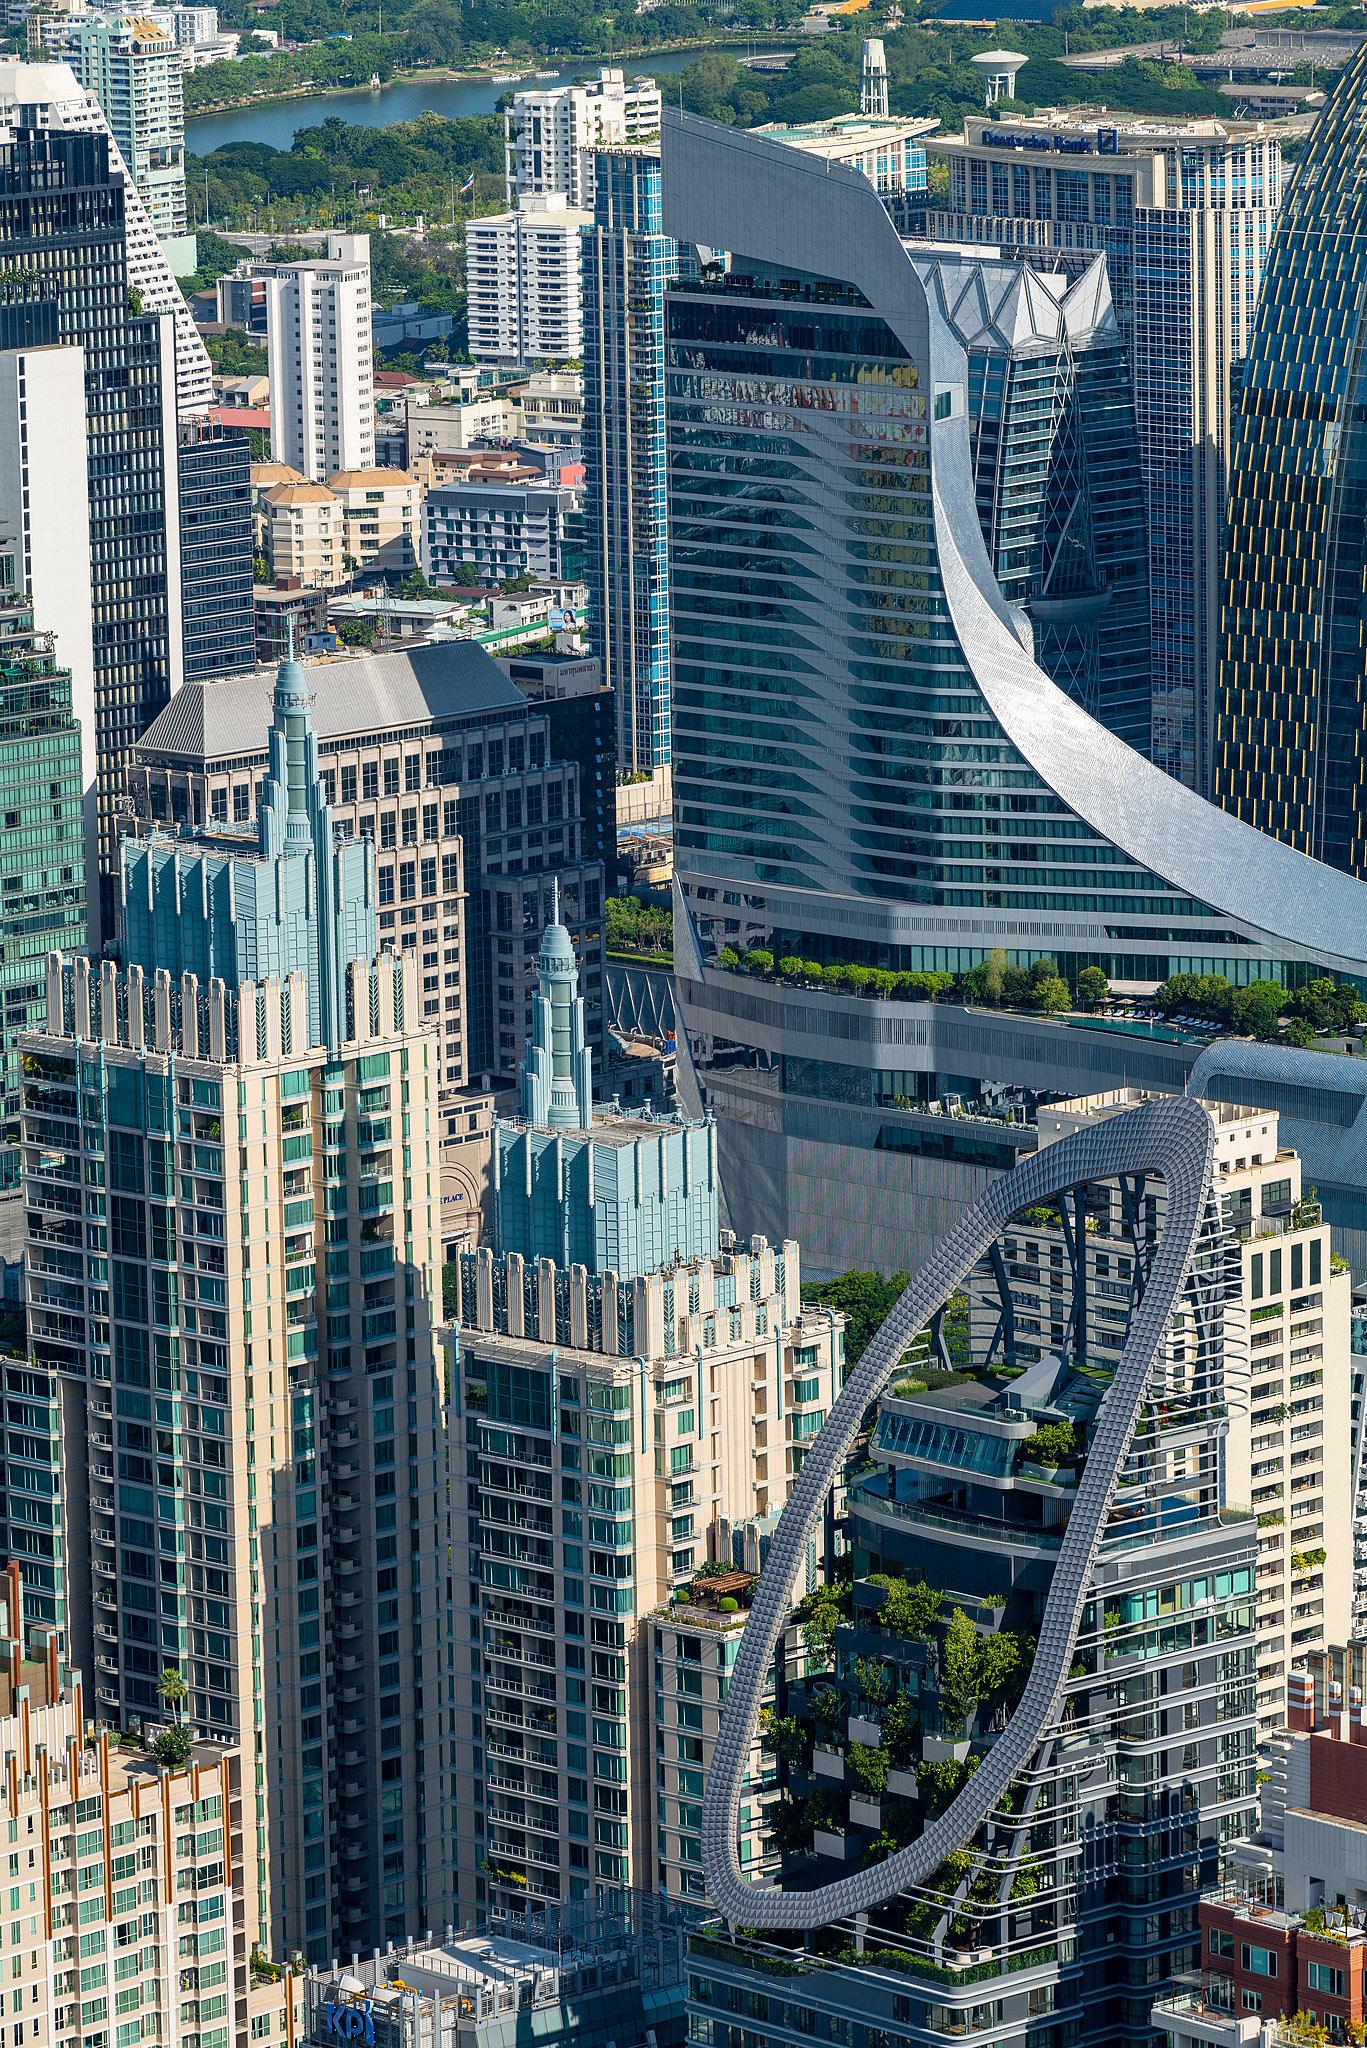 Roof of high-rise buildings by Tenfas Apk.jpg